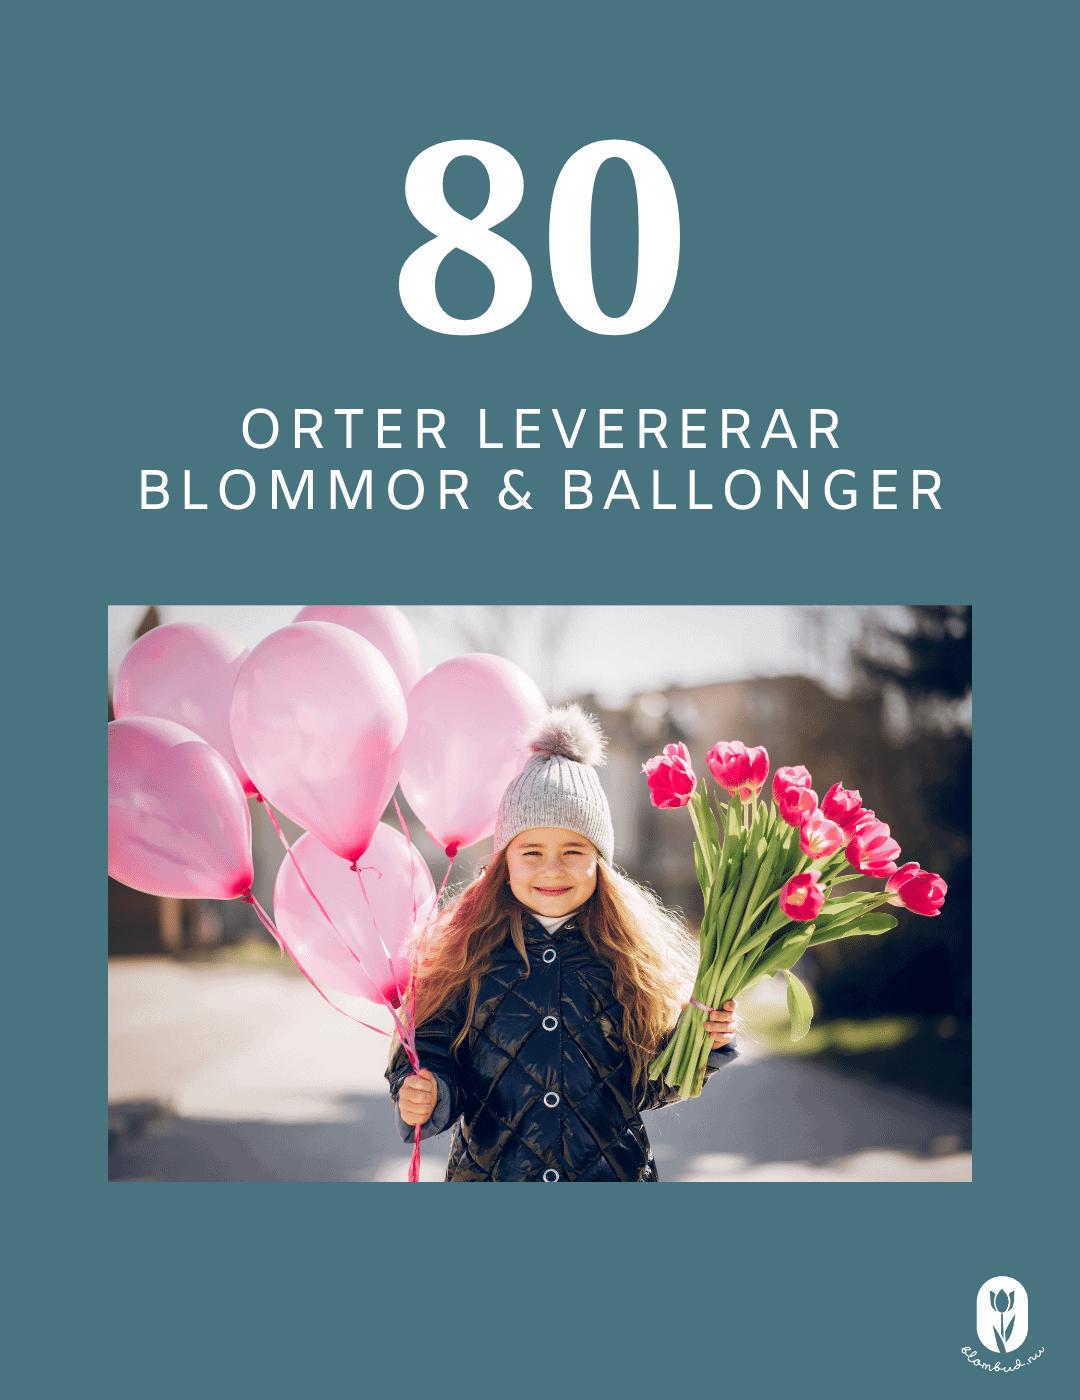 På 80 orter kan du skicka blommor med ballonger.